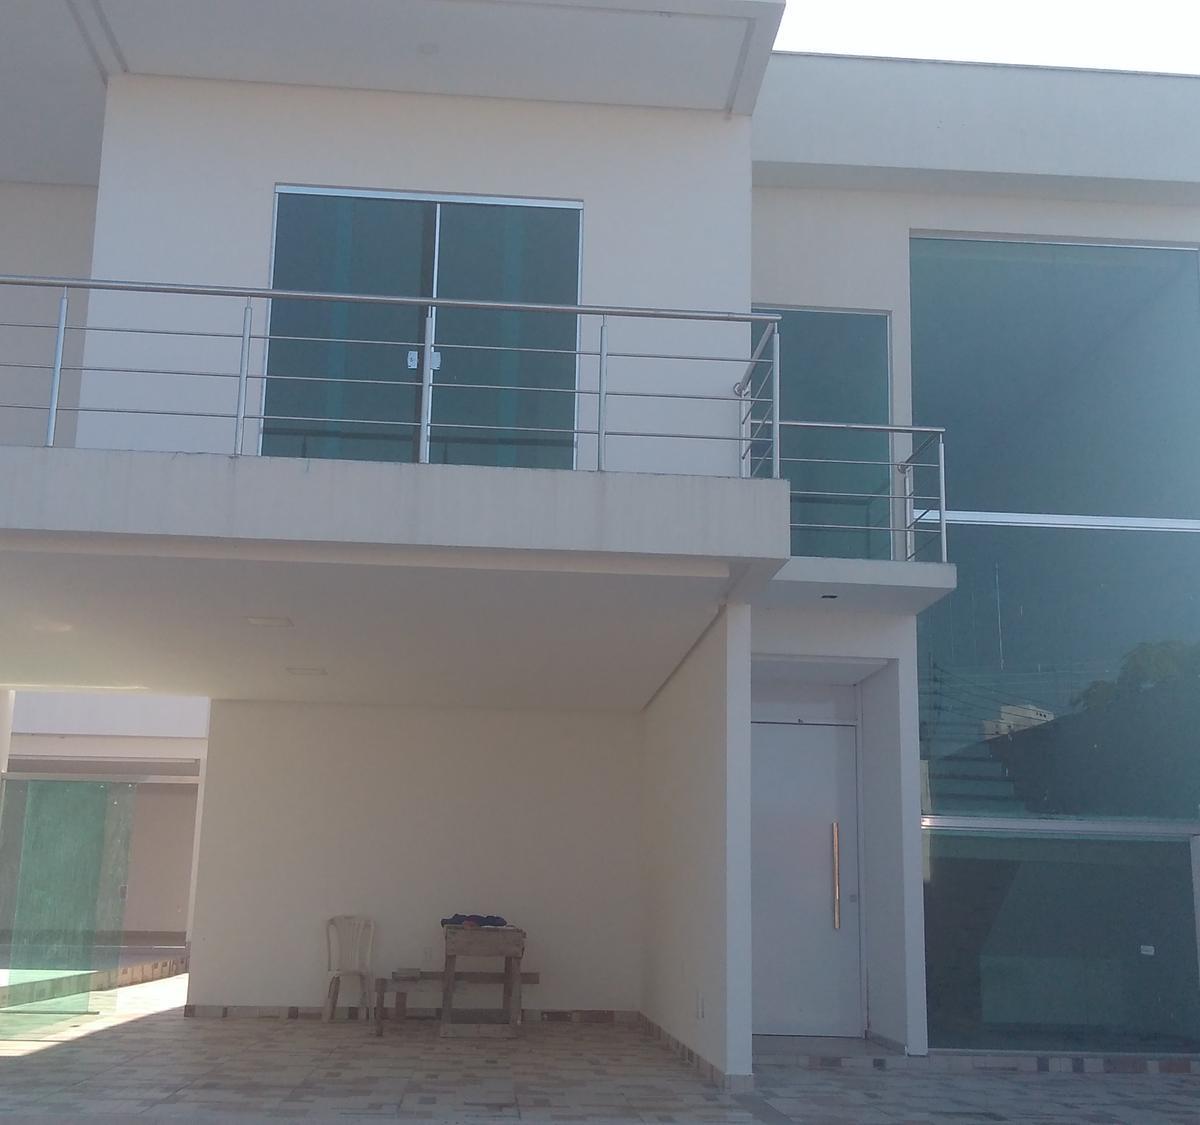 Vende Casa em Condominio Fechado na Ponta Negra em Manaus Amazonas Am